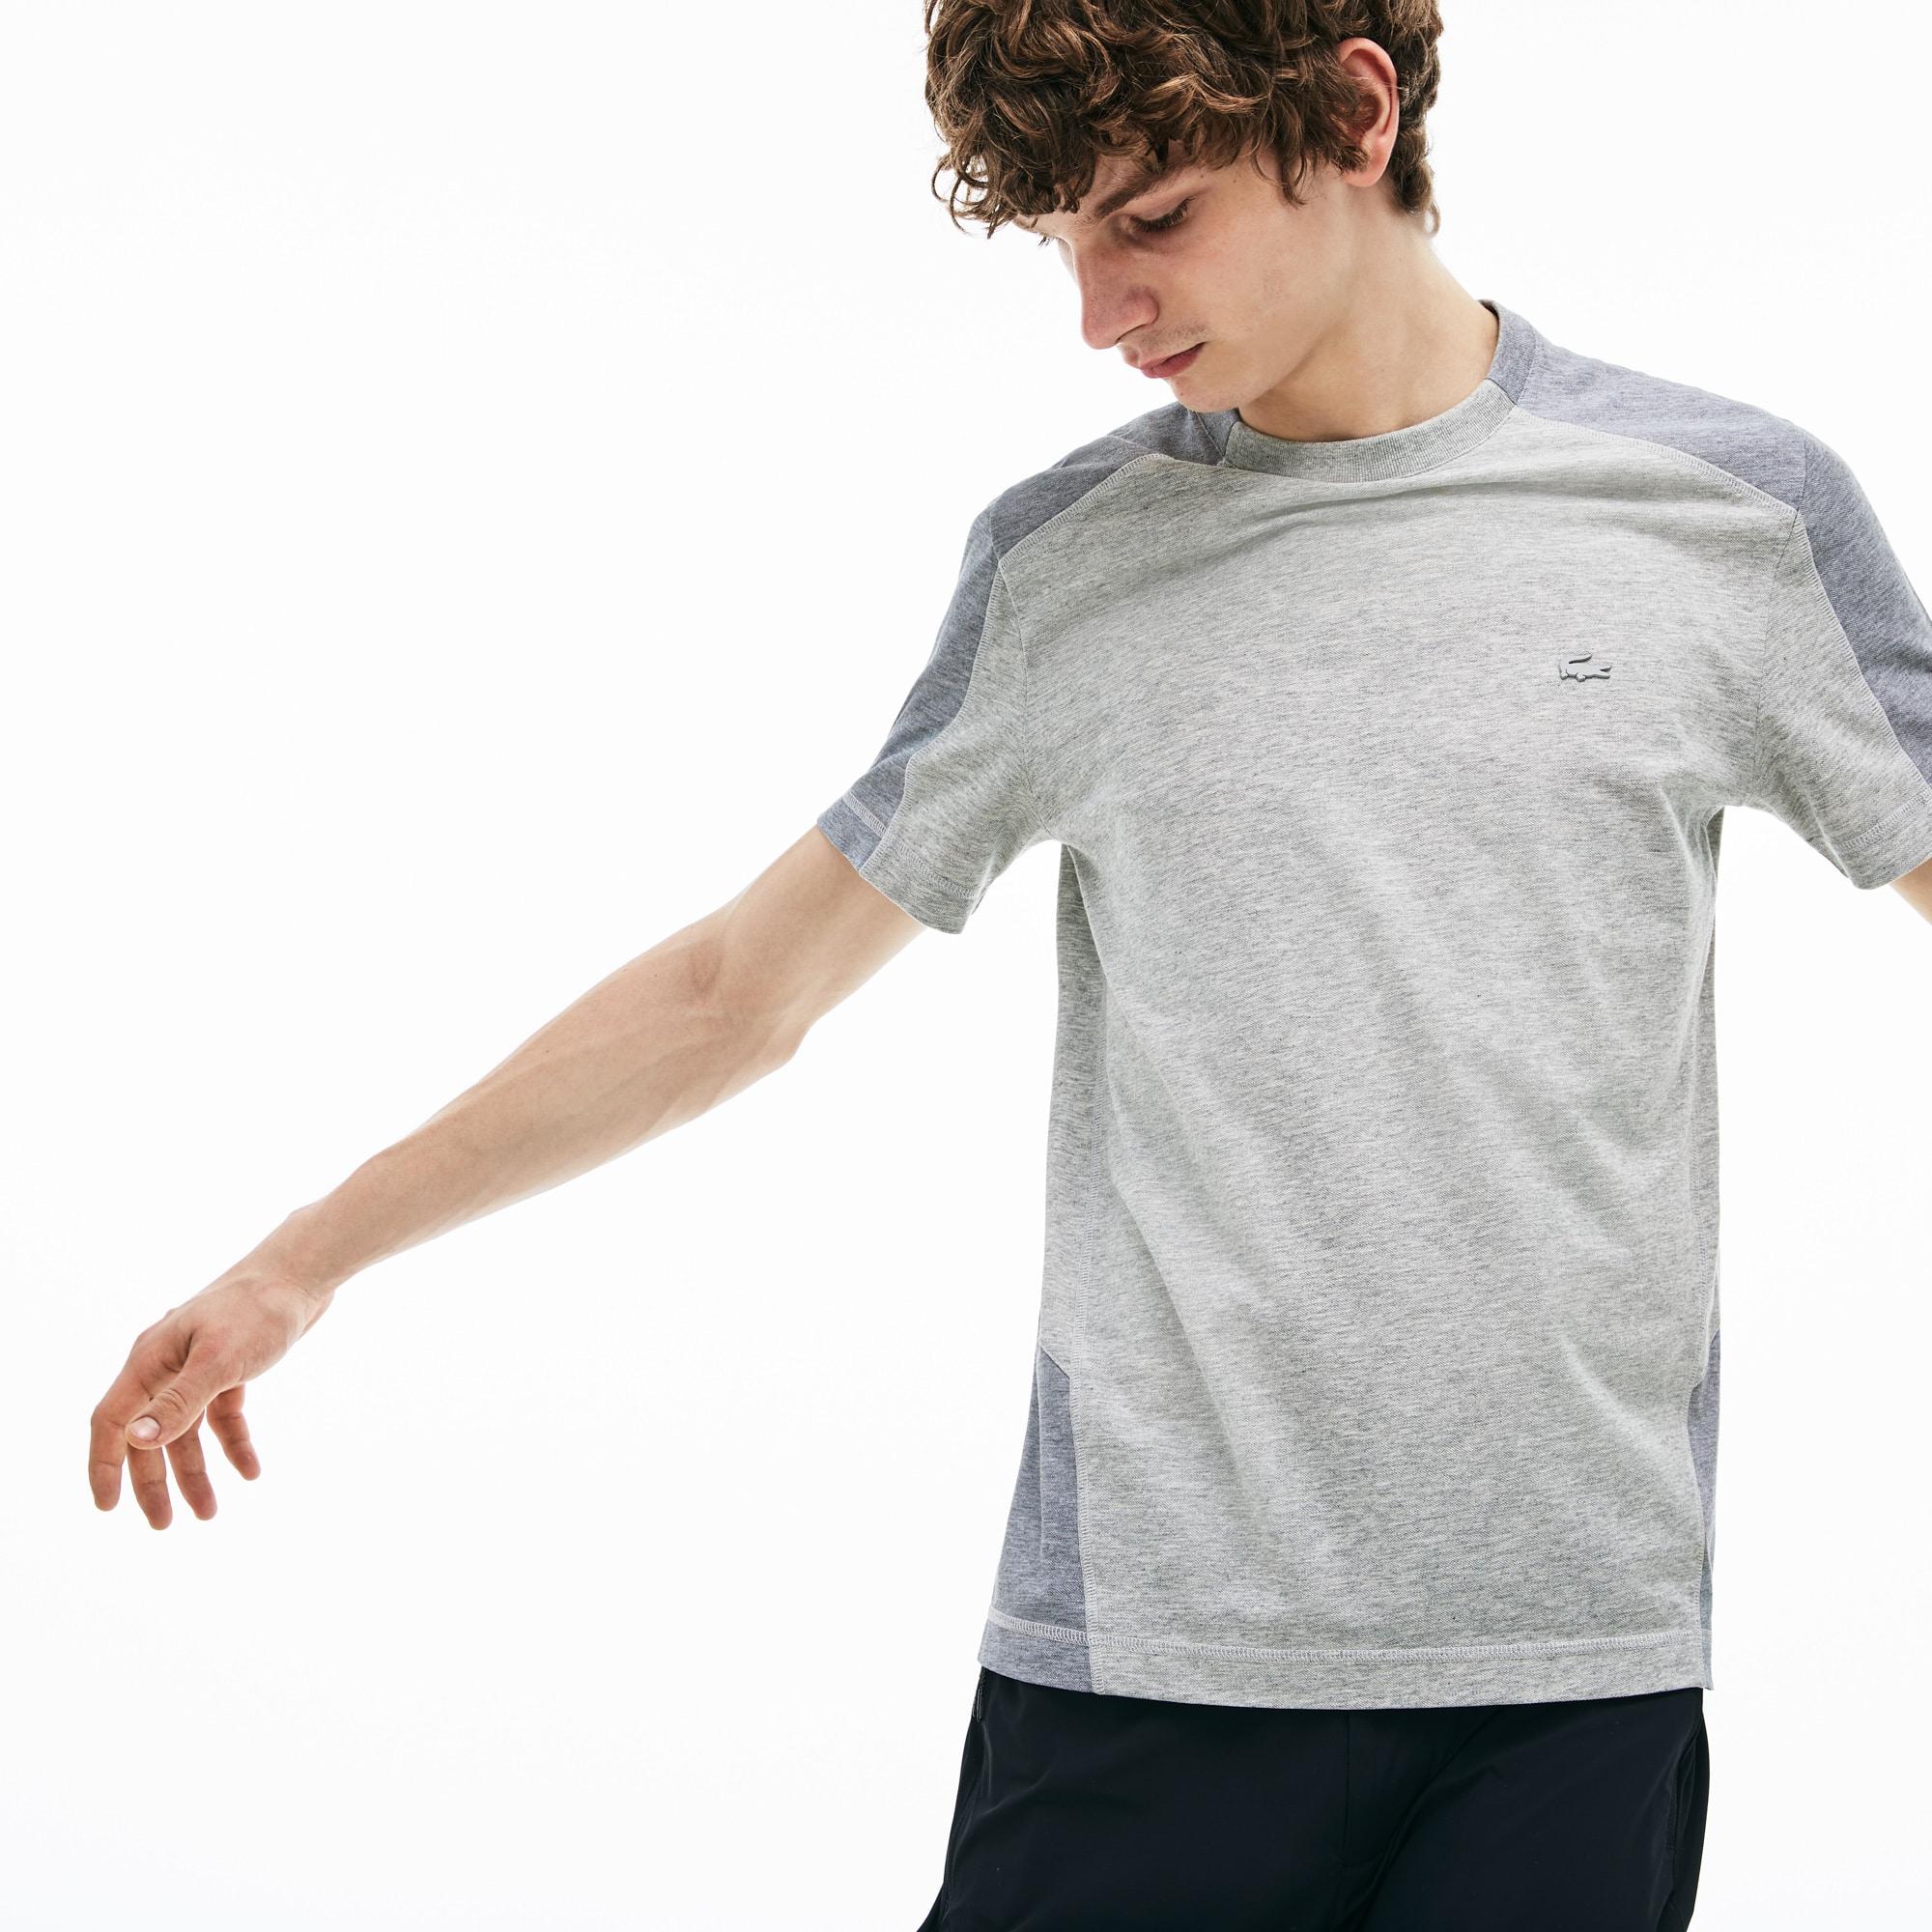 9d1e32d280c + 3 colors. New. Men s Lacoste Motion Ultra Light Cotton T-shirt